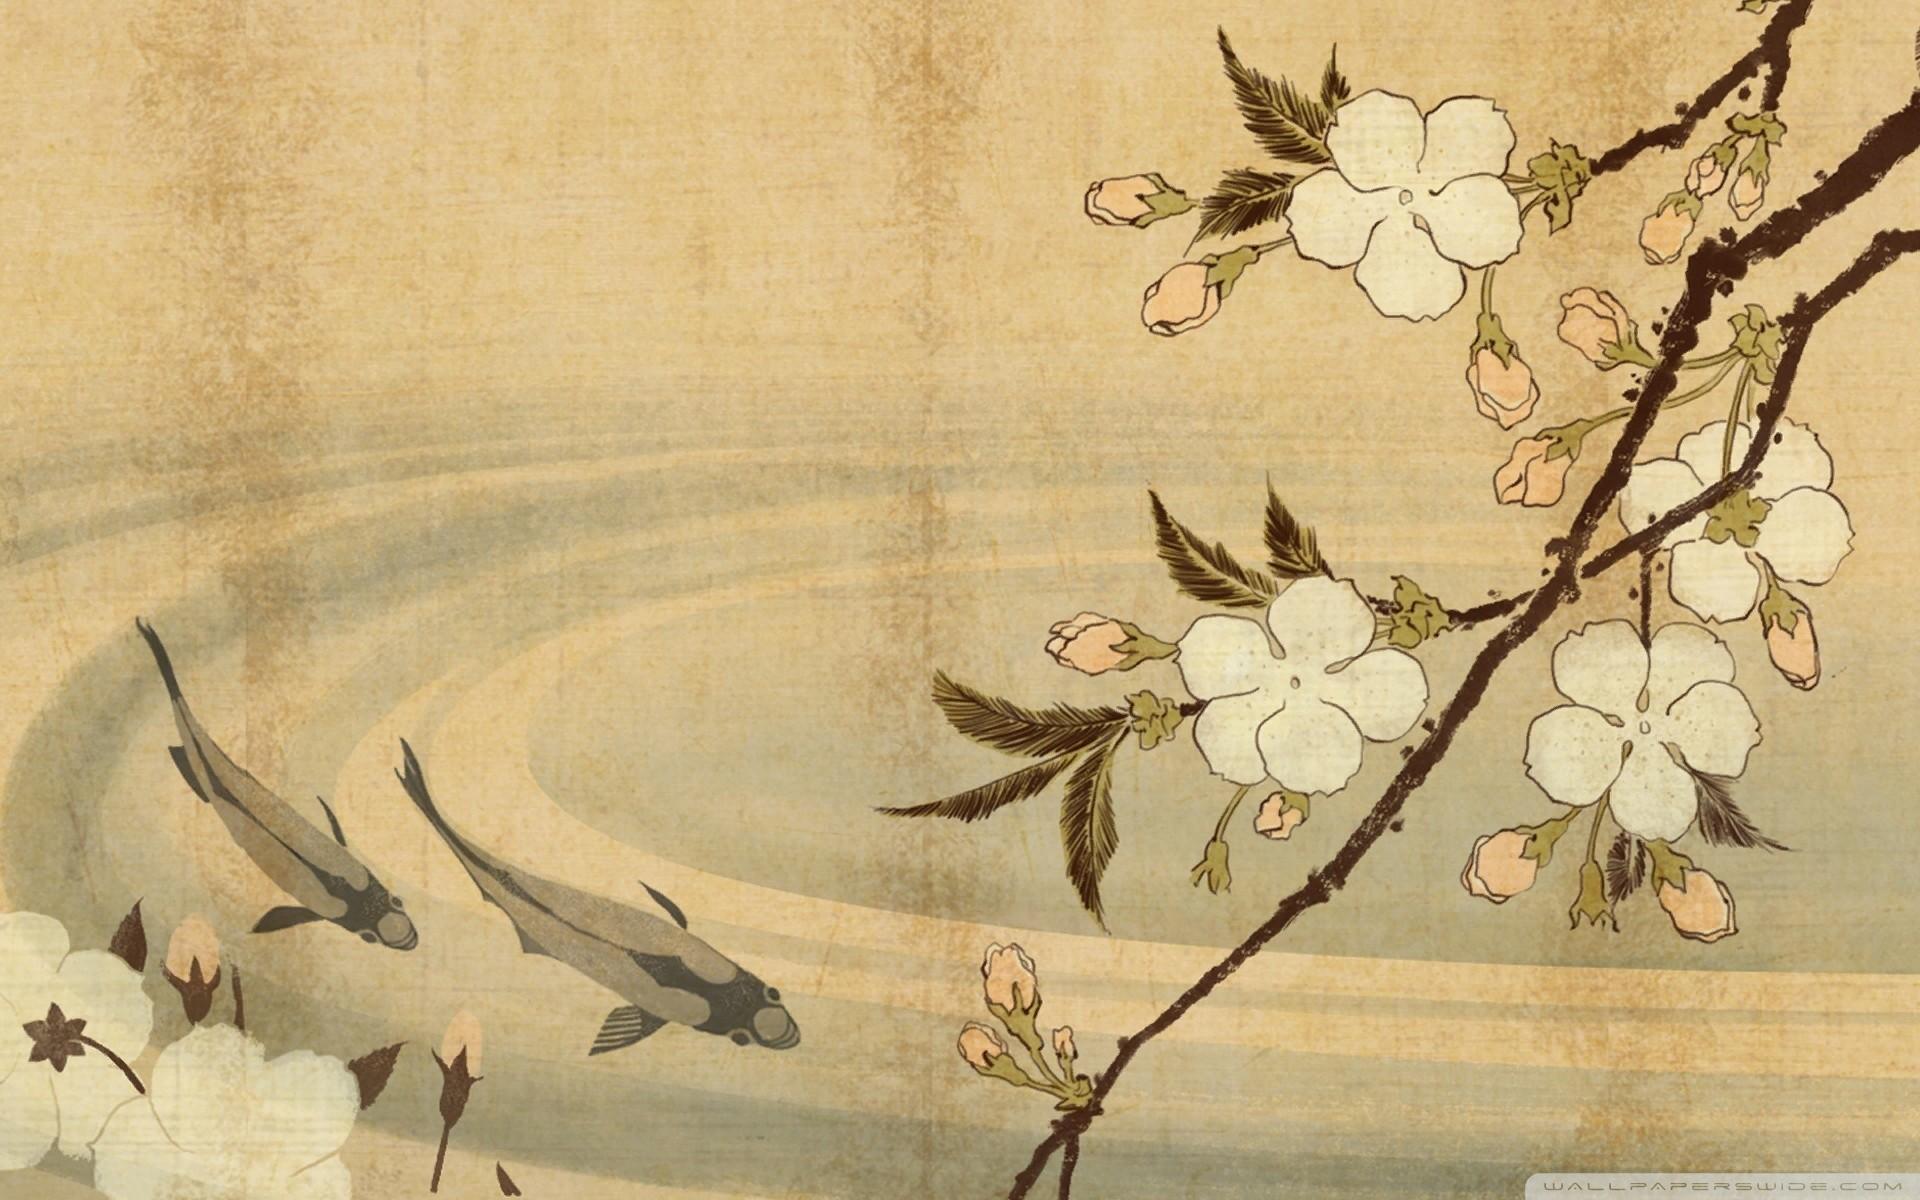 Res: 1920x1200, justpict.com Japanese Art Wallpaper